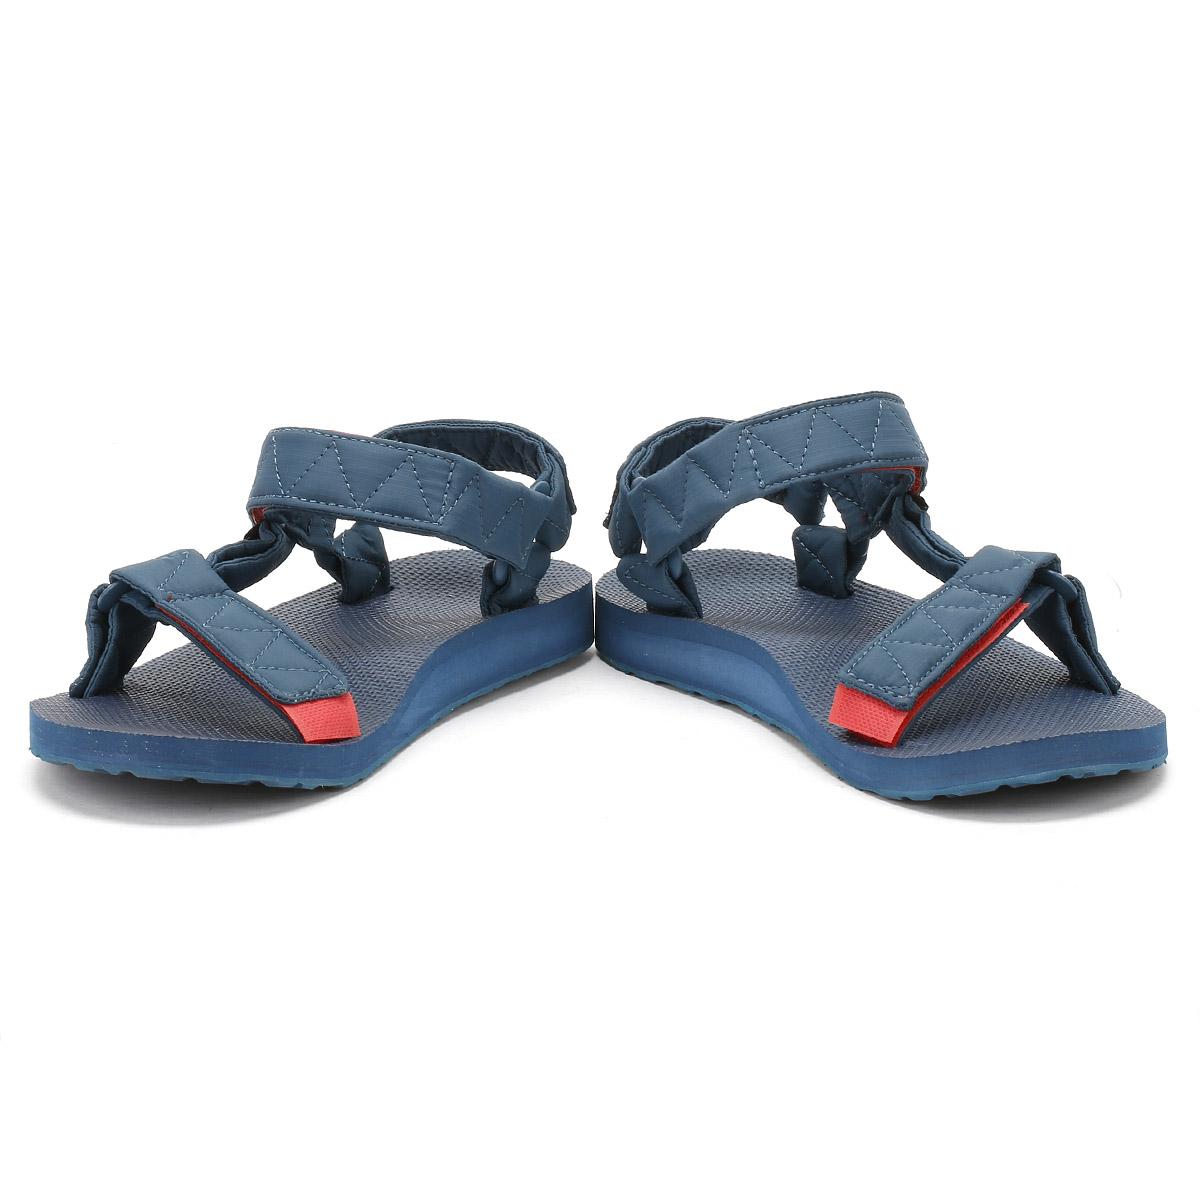 Inca Walking Shoes Size